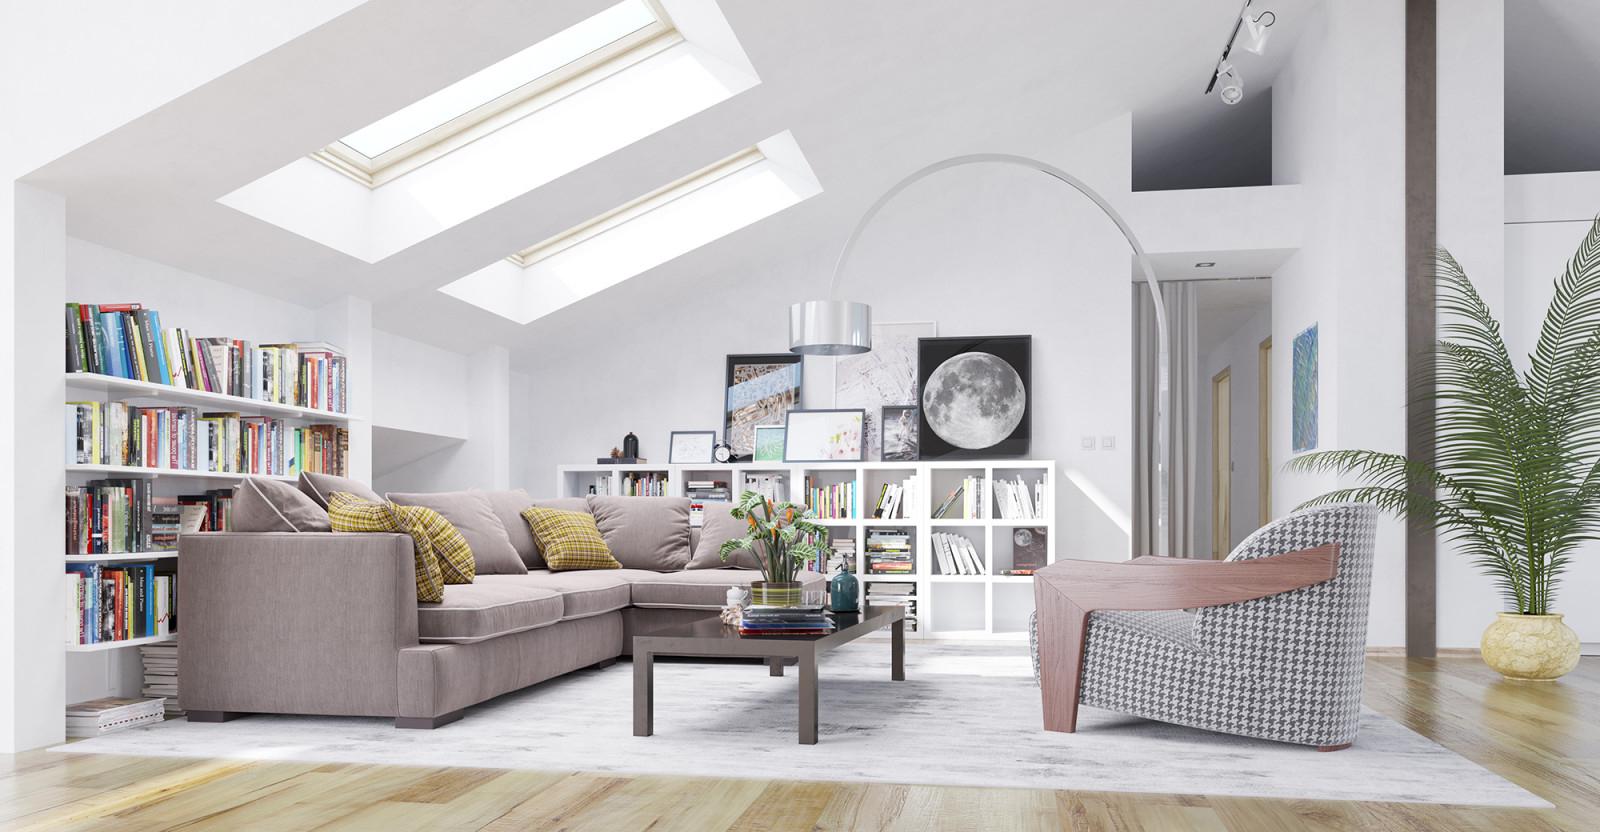 Dachzimmer Wohnidee  Dachgeschoß Mit Modernen Wohnzimmer von Dachgeschoss Wohnzimmer Ideen Photo